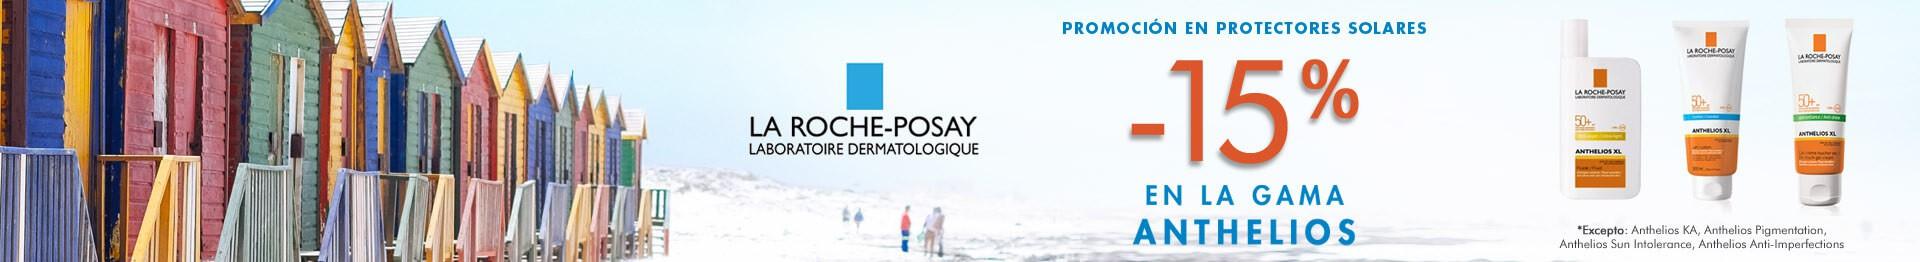 La Roche-Posay solares